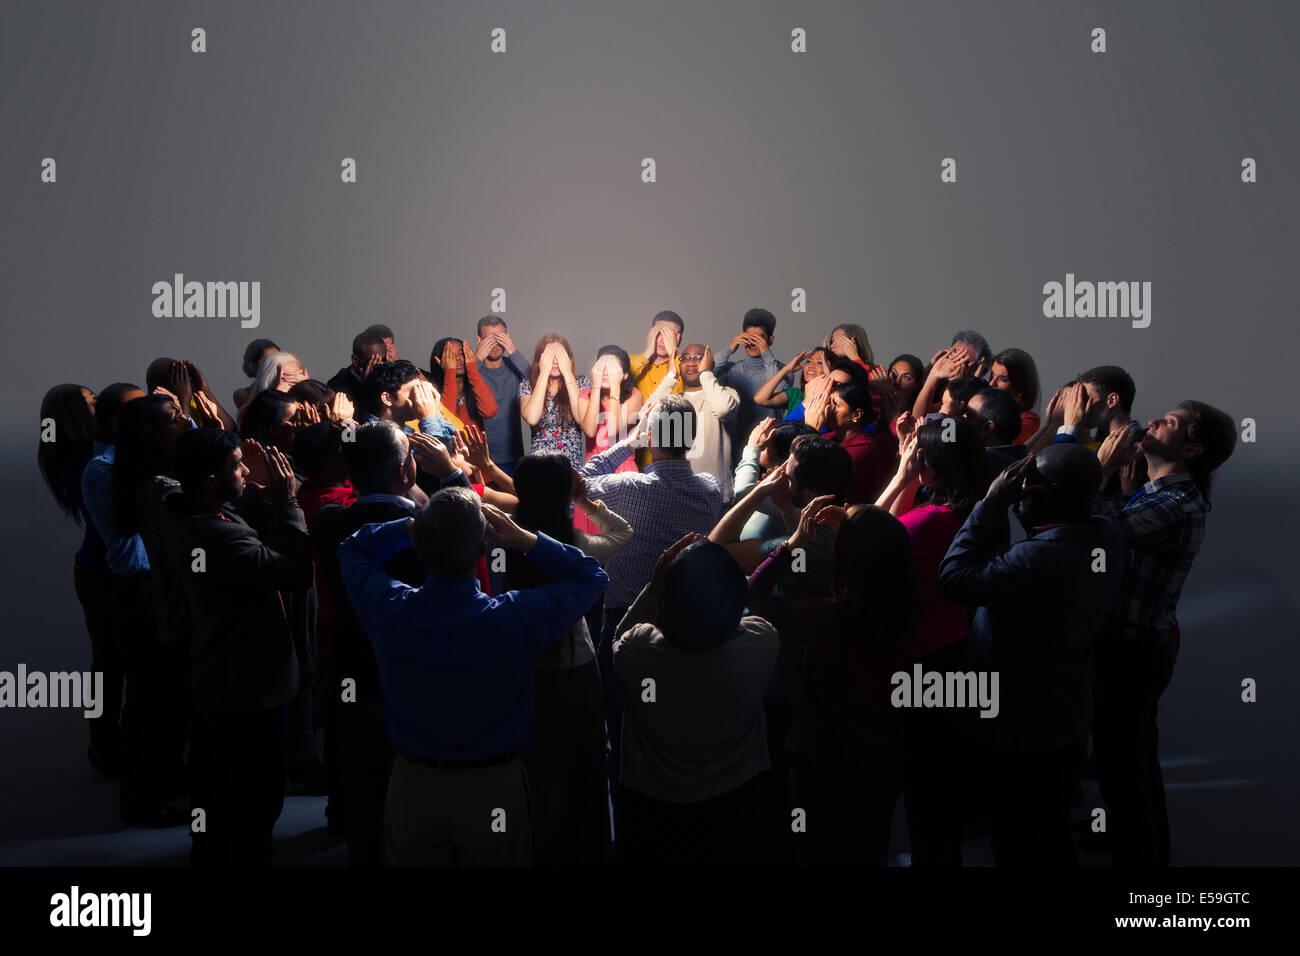 La gente di affari che copre gli occhi intorno a una luce brillante Immagini Stock